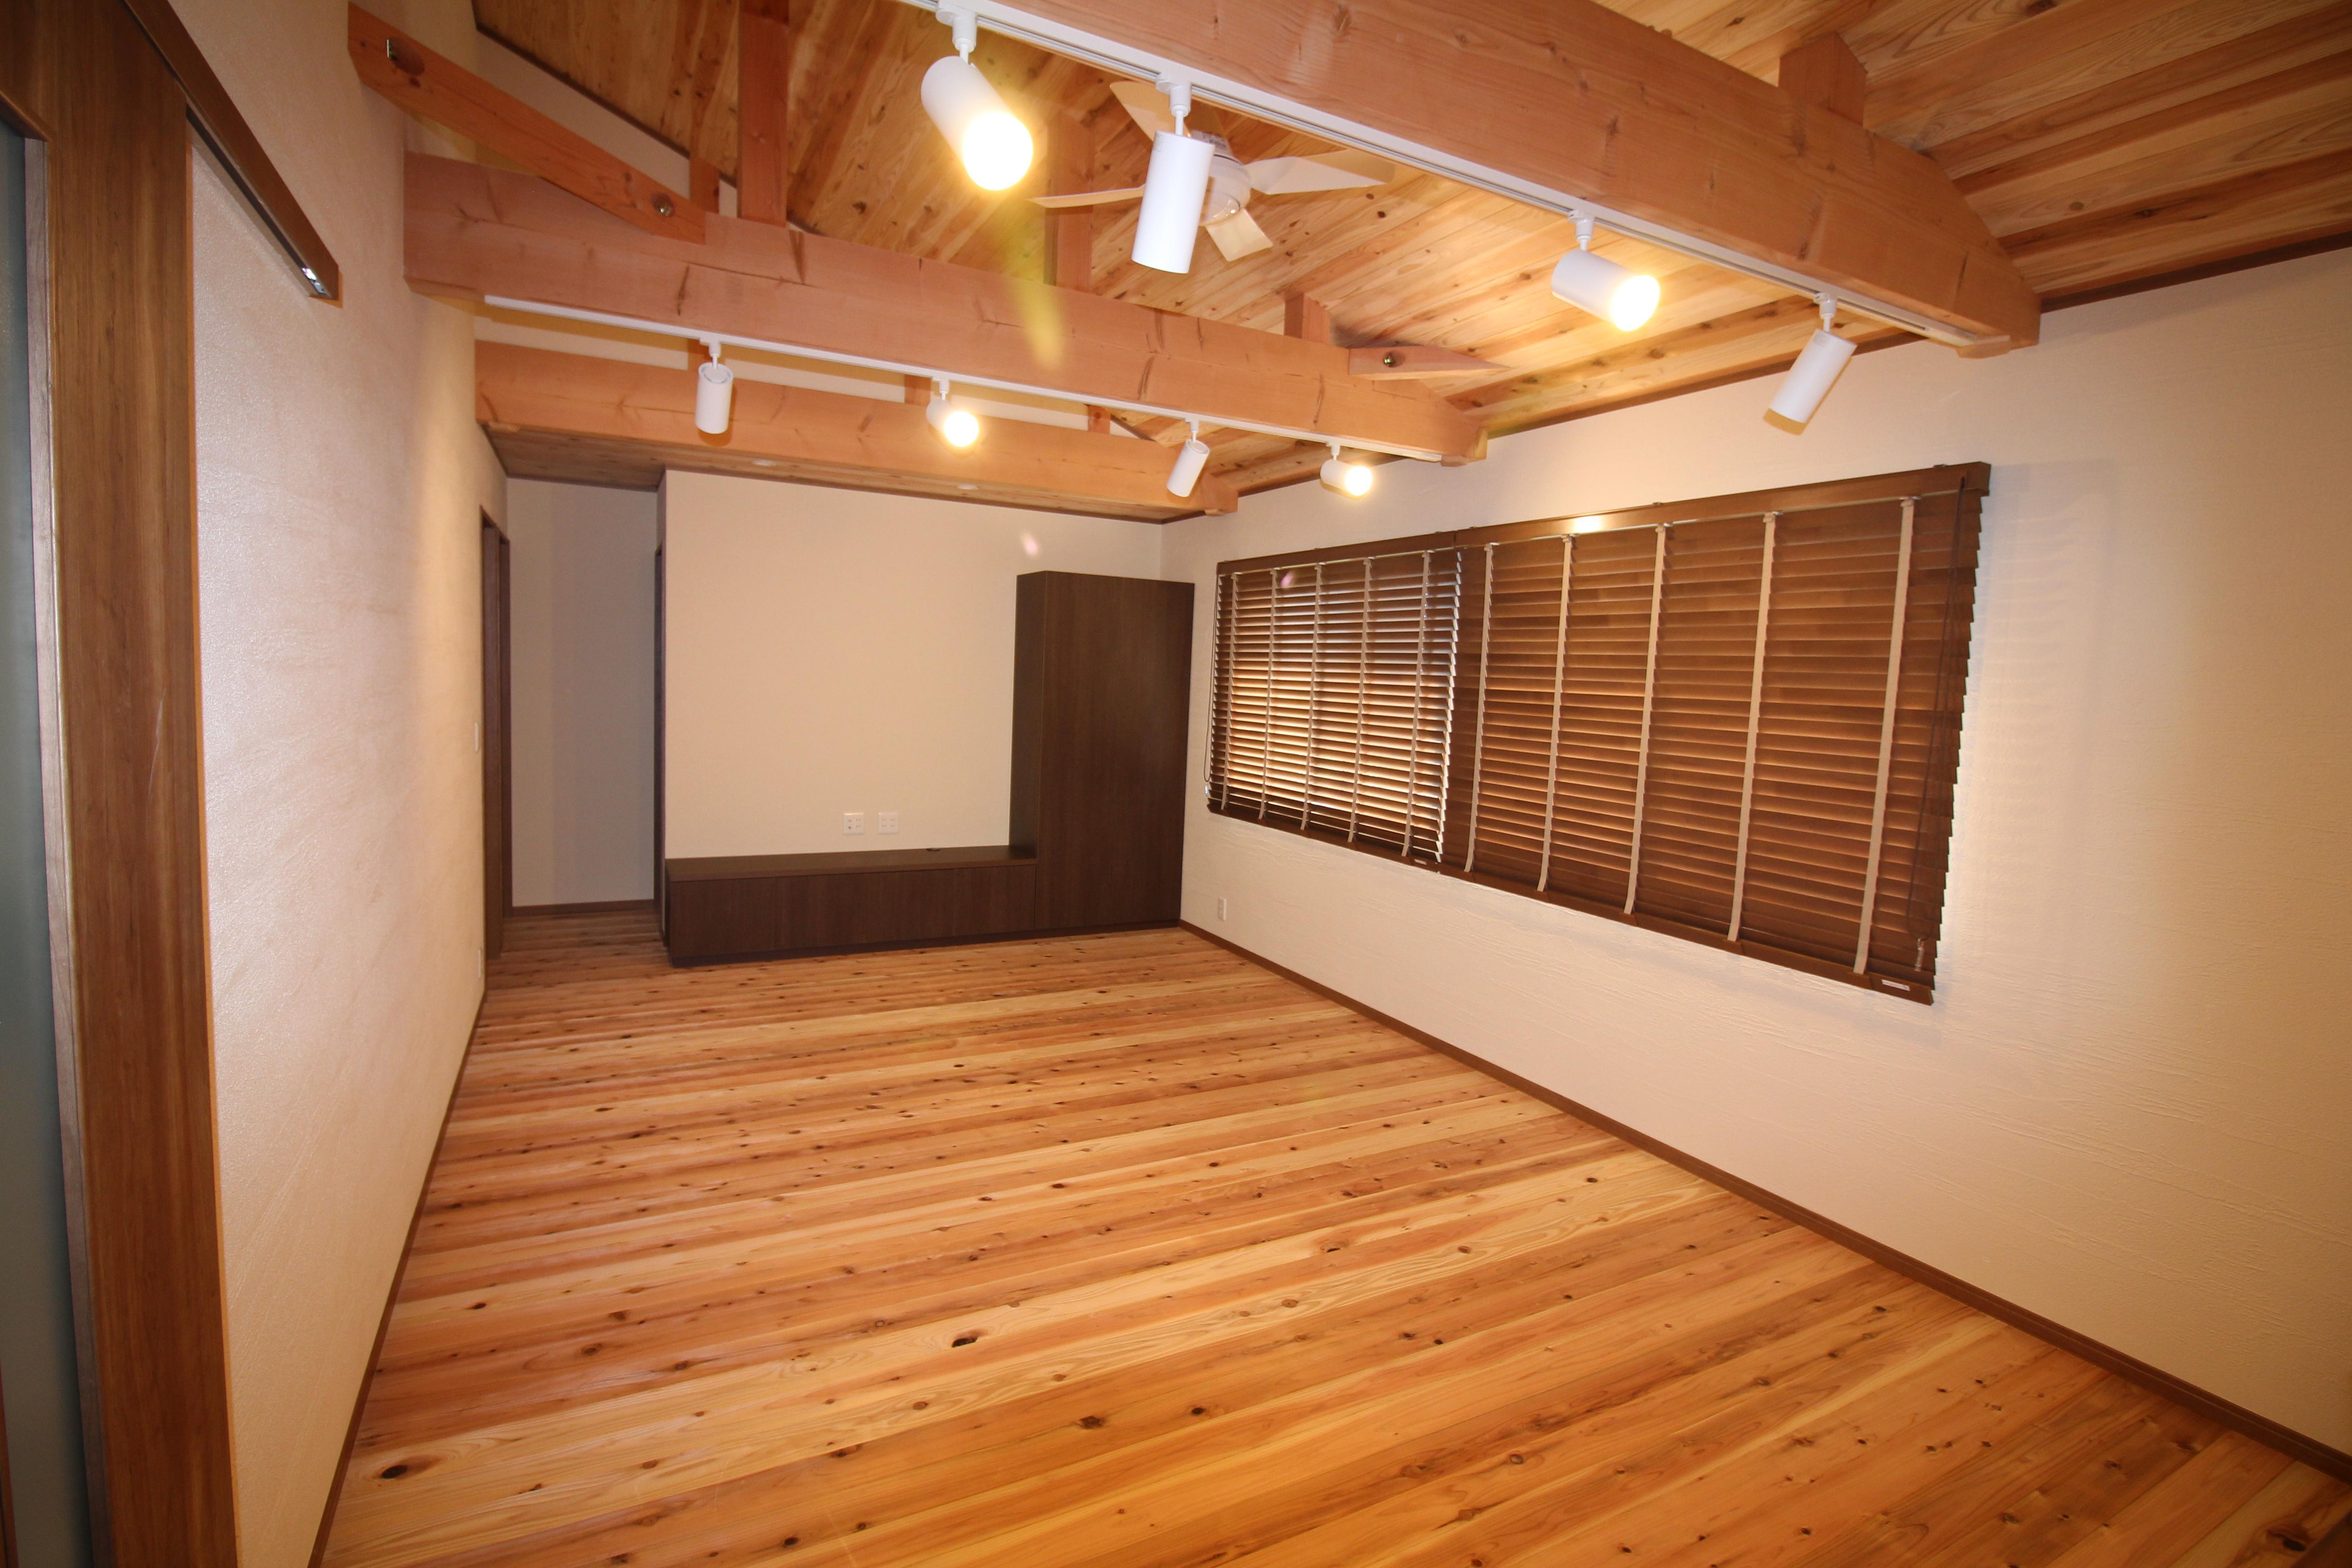 小屋組みを見せて、天井を高く開放的なリビングに